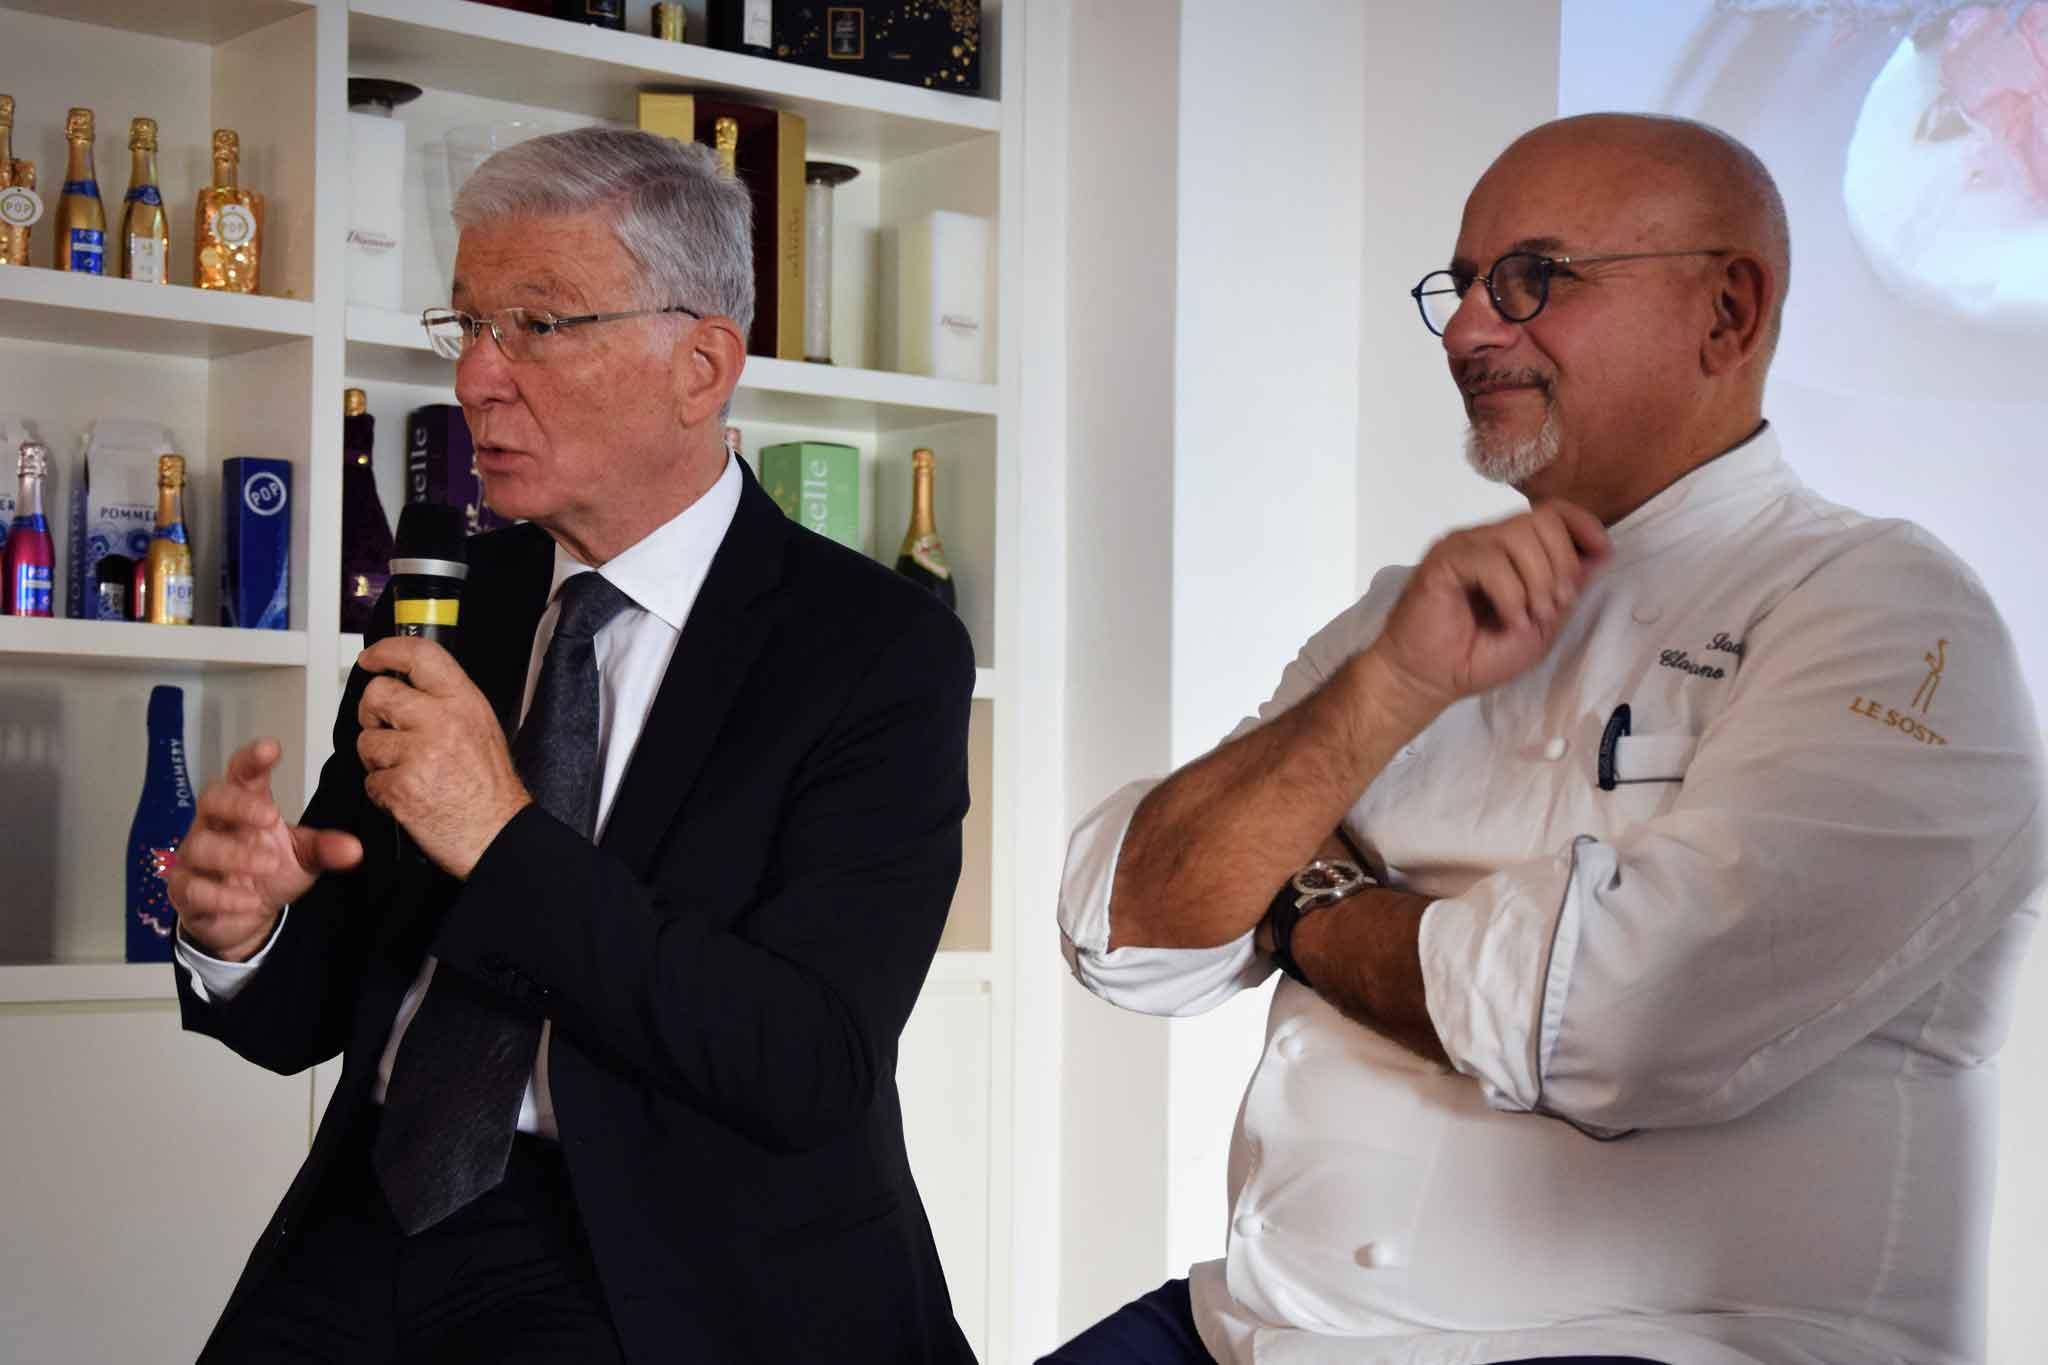 Mario Cucci di Mediavalue e Claudio Sadler